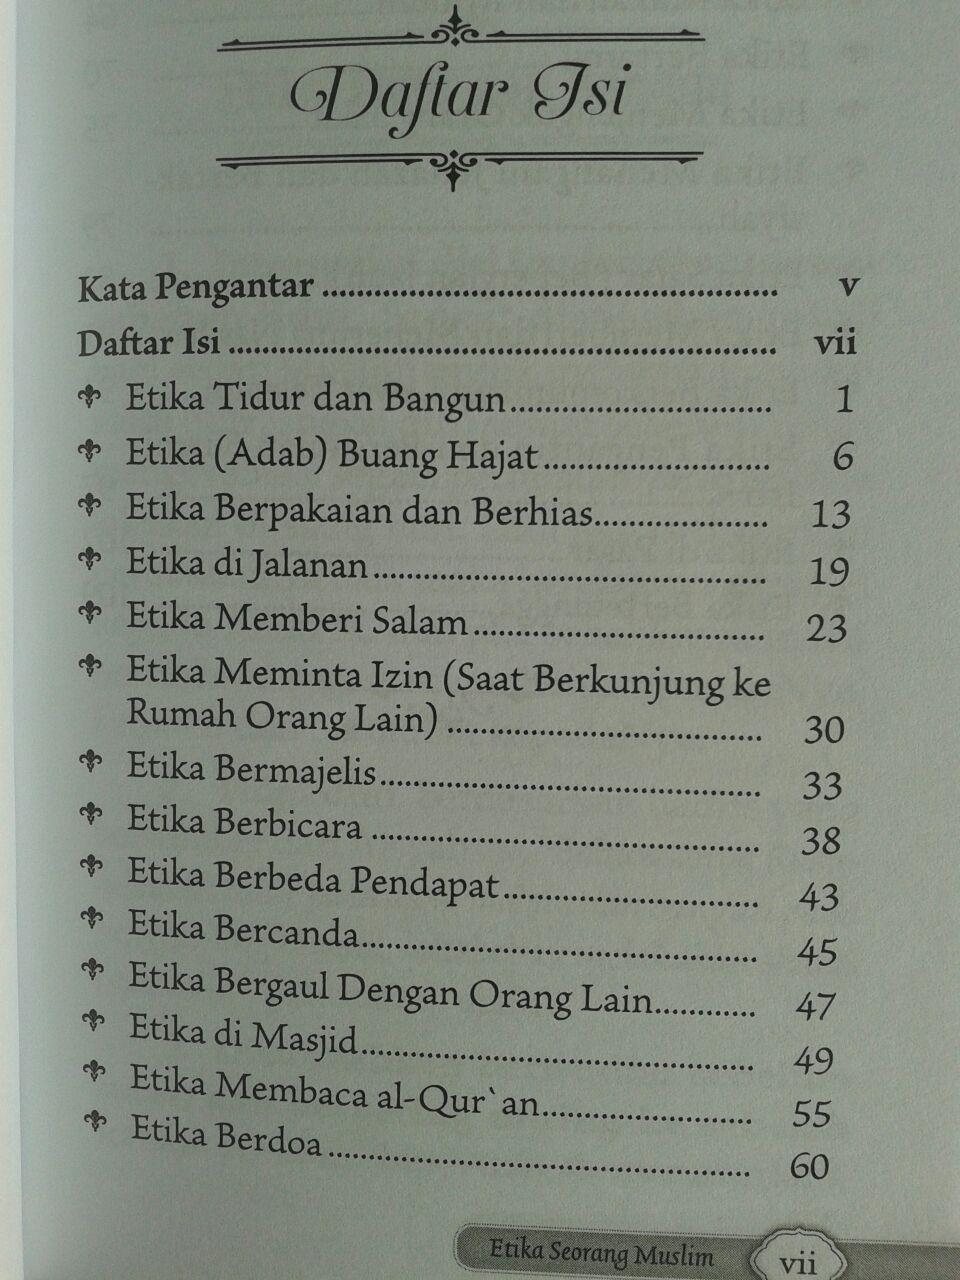 Buku Saku Etika Seorang Muslim isi